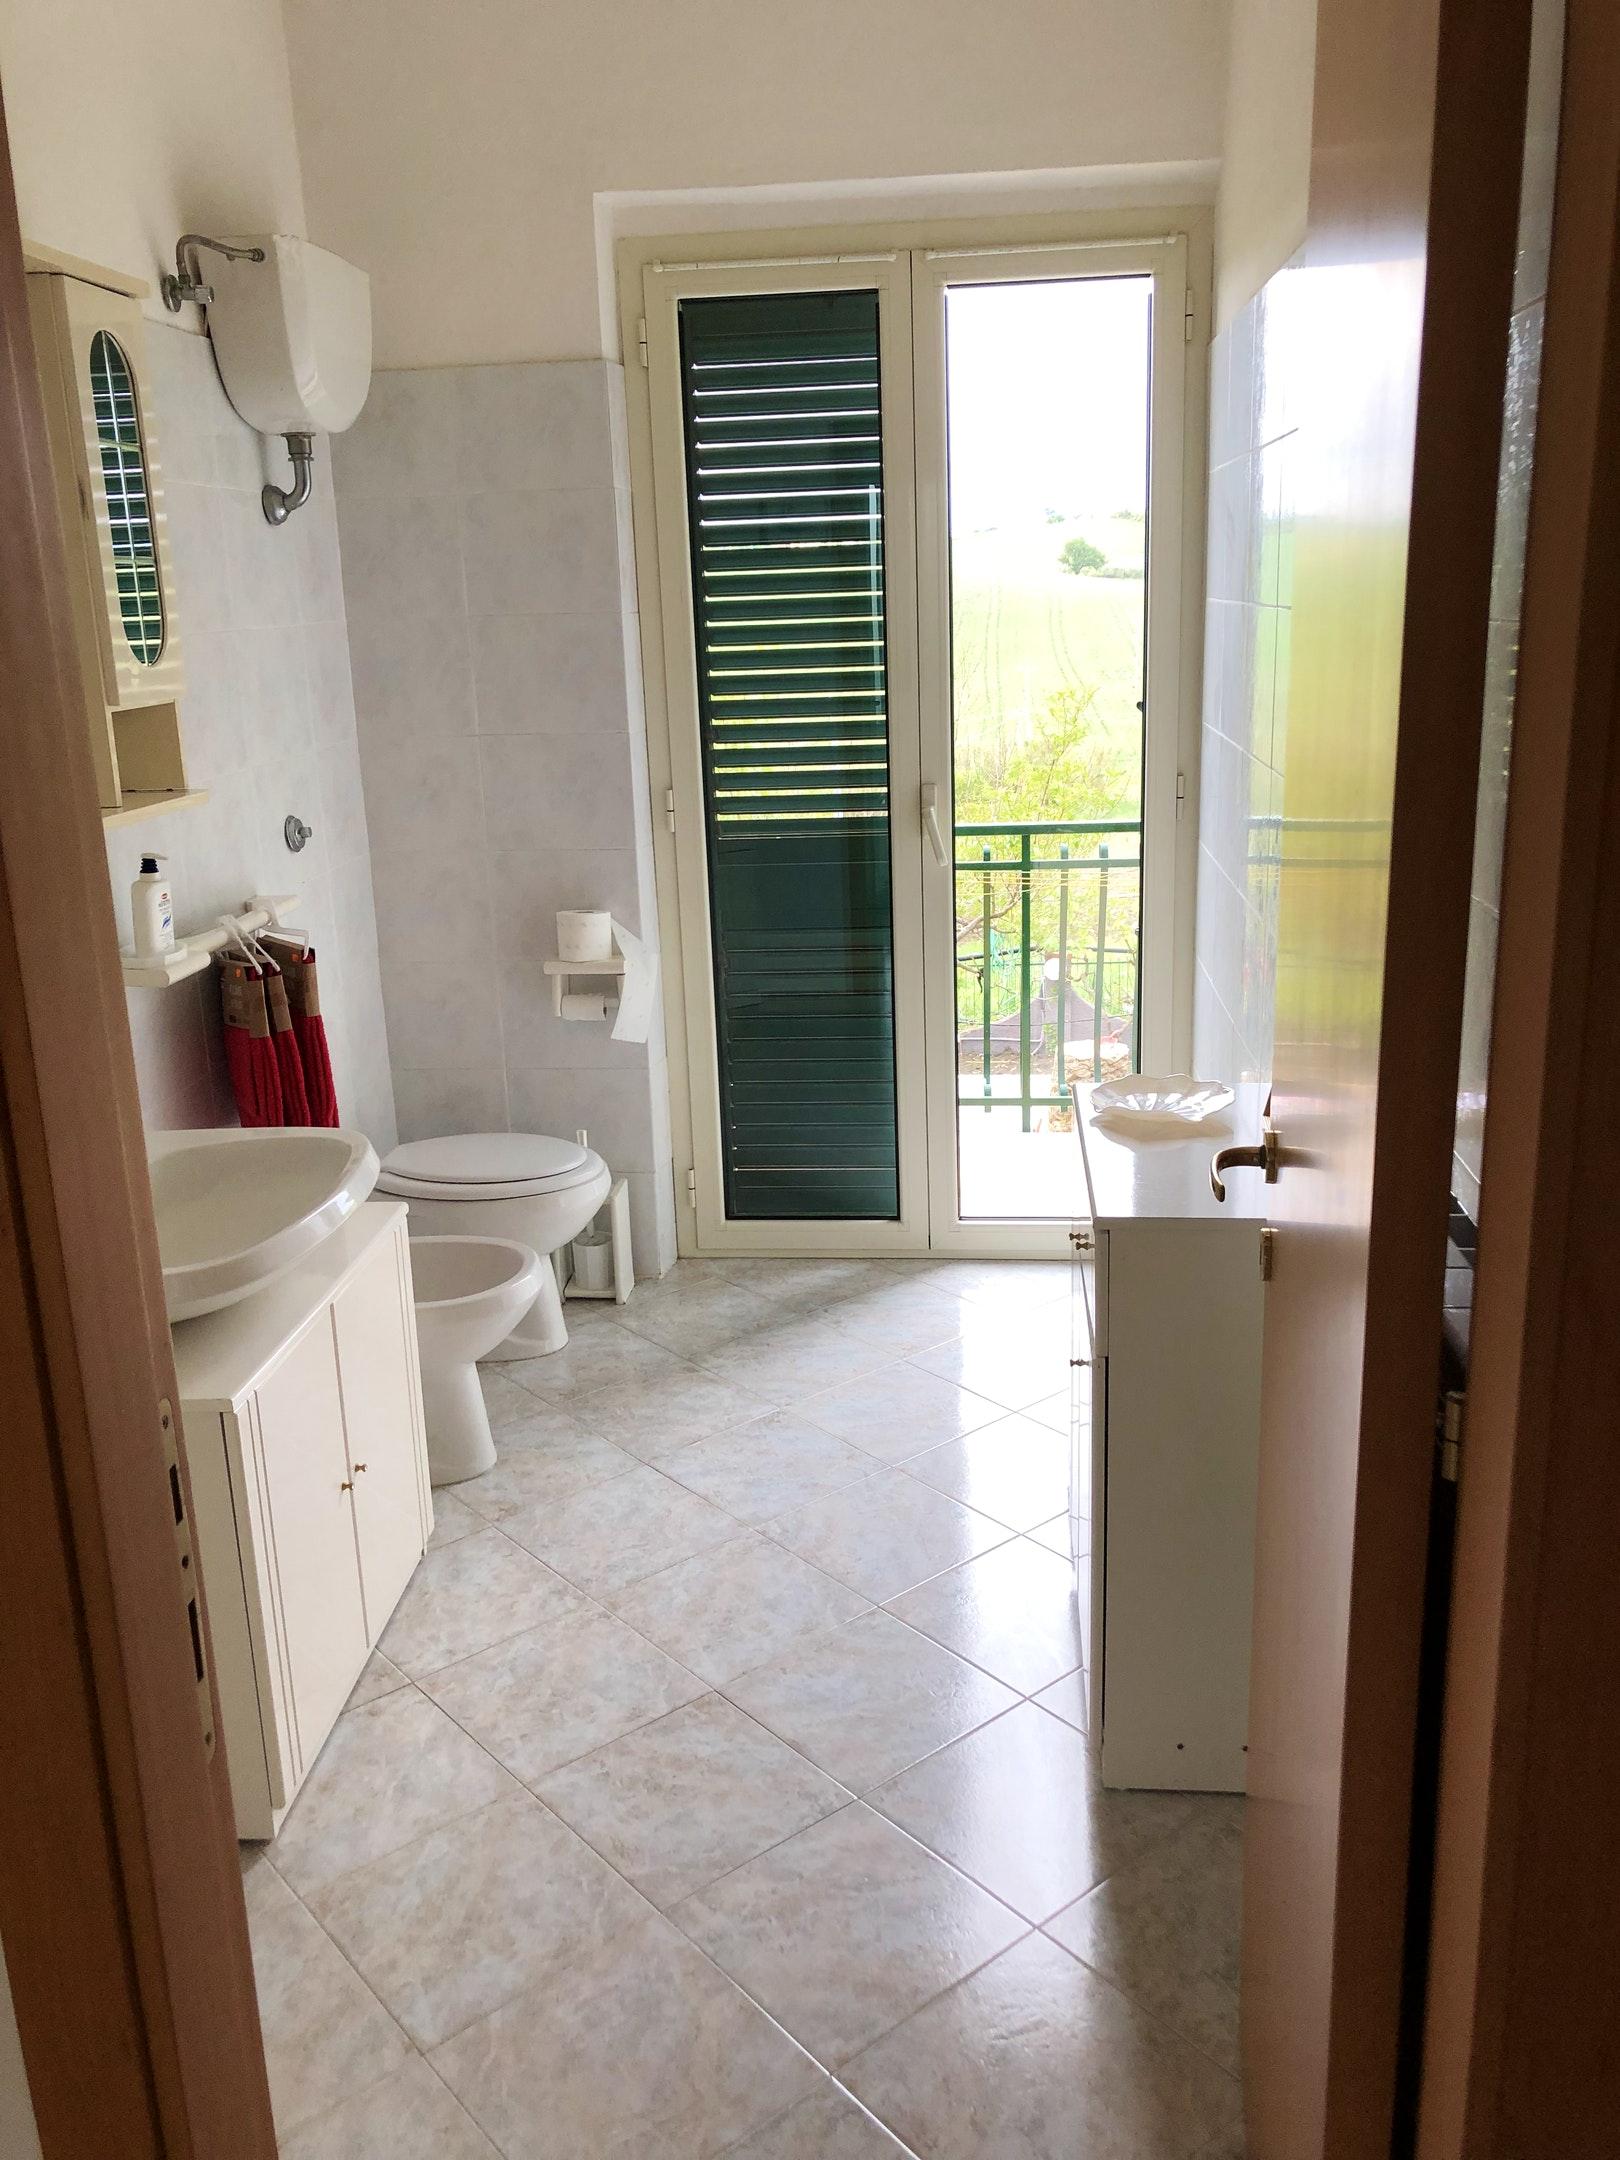 Ferienhaus Haus mit 3 Schlafzimmern in Montenero di bisaccia mit herrlichem Meerblick und eingezäunte (2524275), Montenero di Bisaccia, Campobasso, Molise, Italien, Bild 27